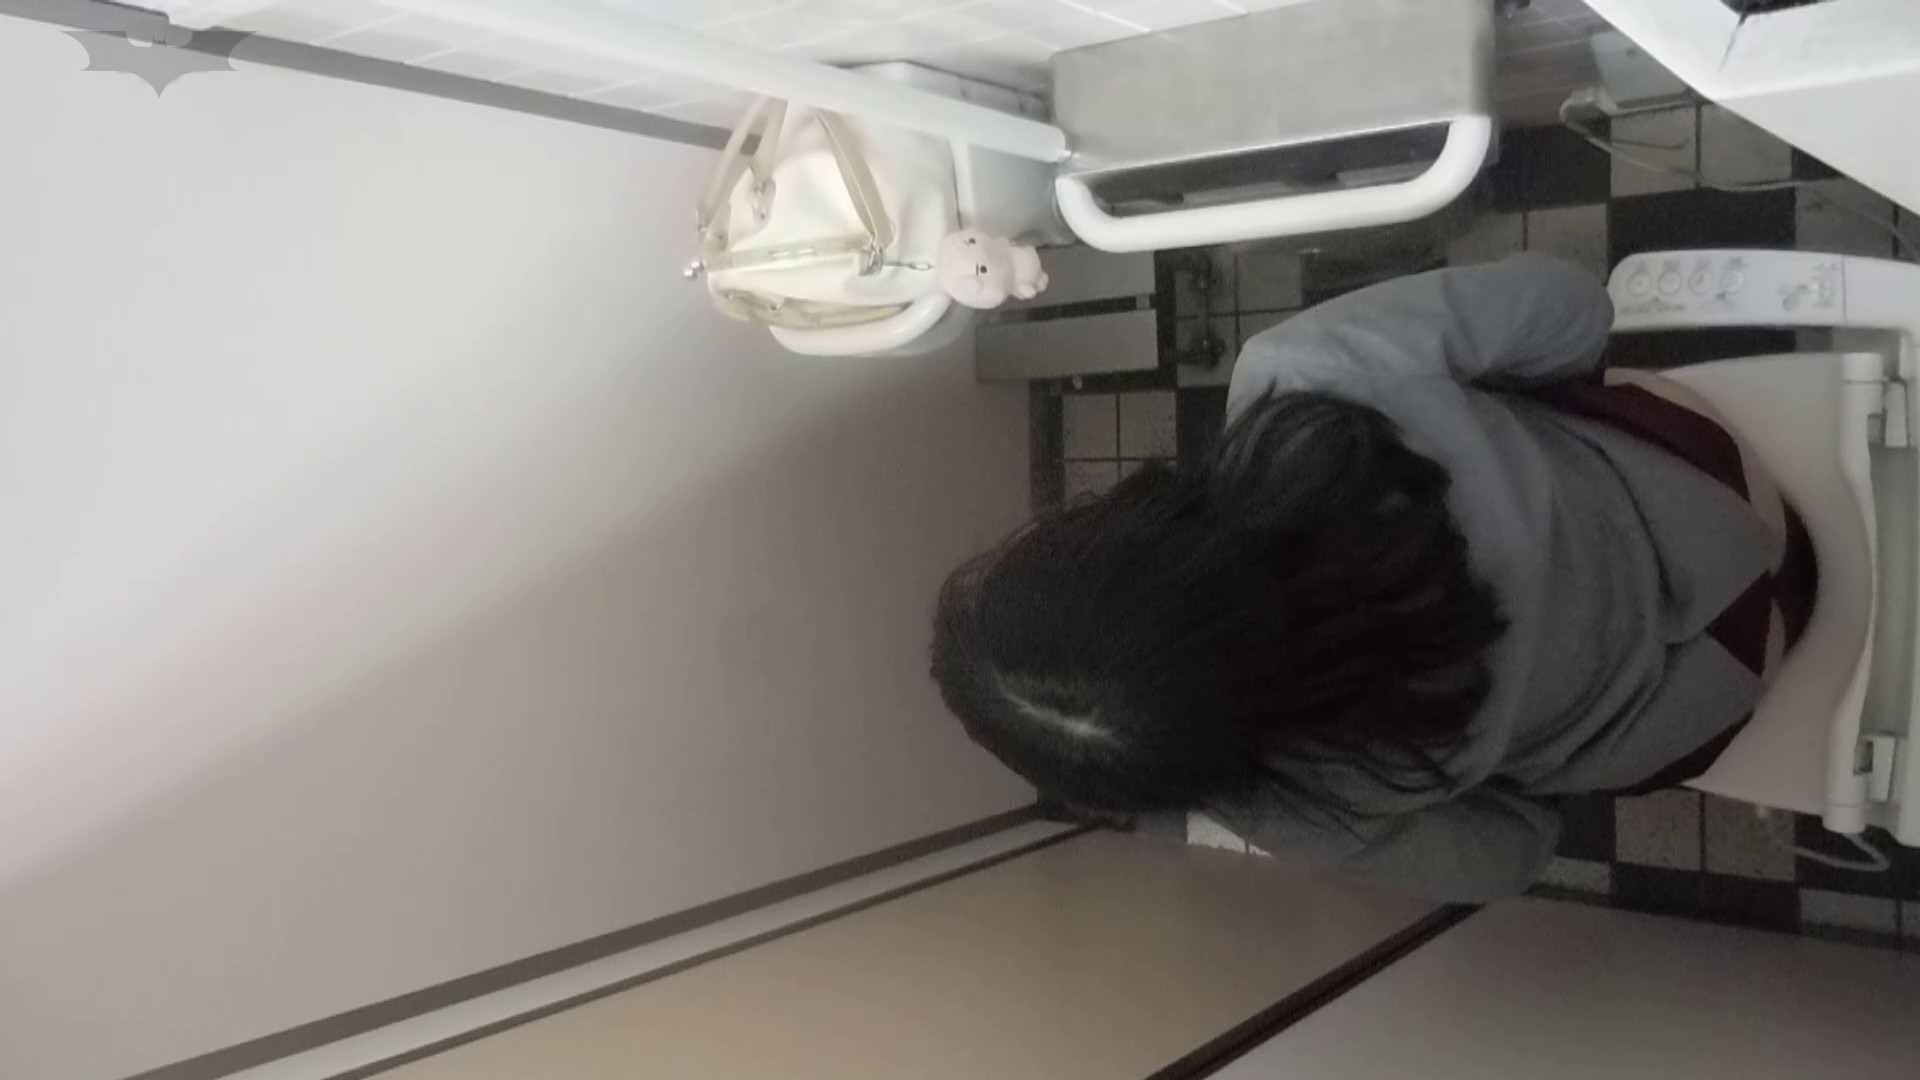 化粧室絵巻 駅舎編 VOL.21 ヨリドリミドリ!!選びたい放題です。 洗面所のぞき 戯れ無修正画像 89枚 19